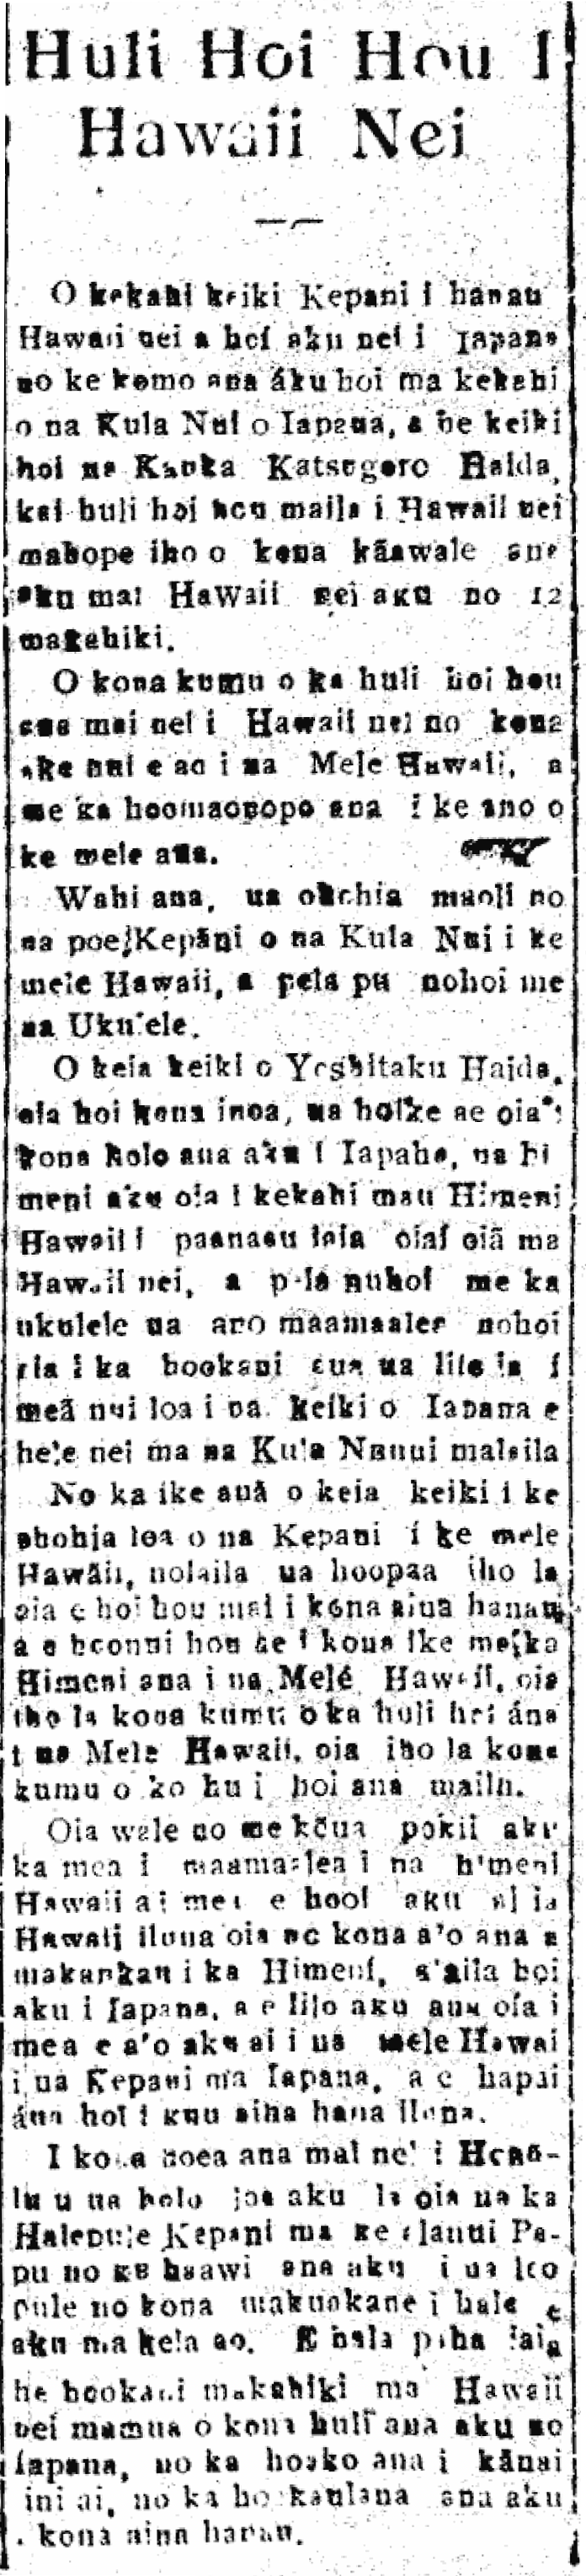 Huli Hoi Hou I Hawaii Nei